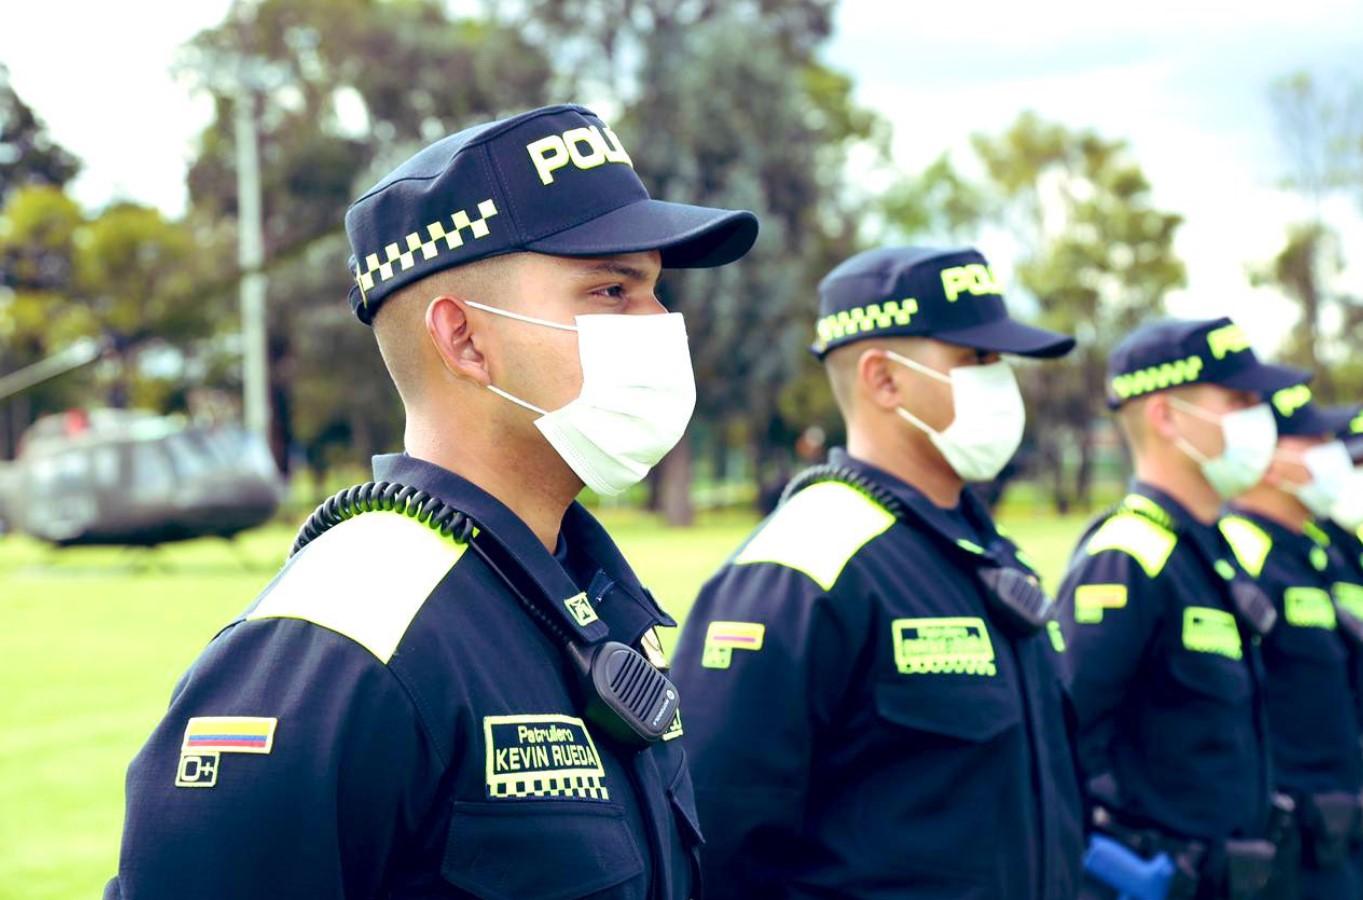 Policías de Medellín ya portan nuevo uniforme